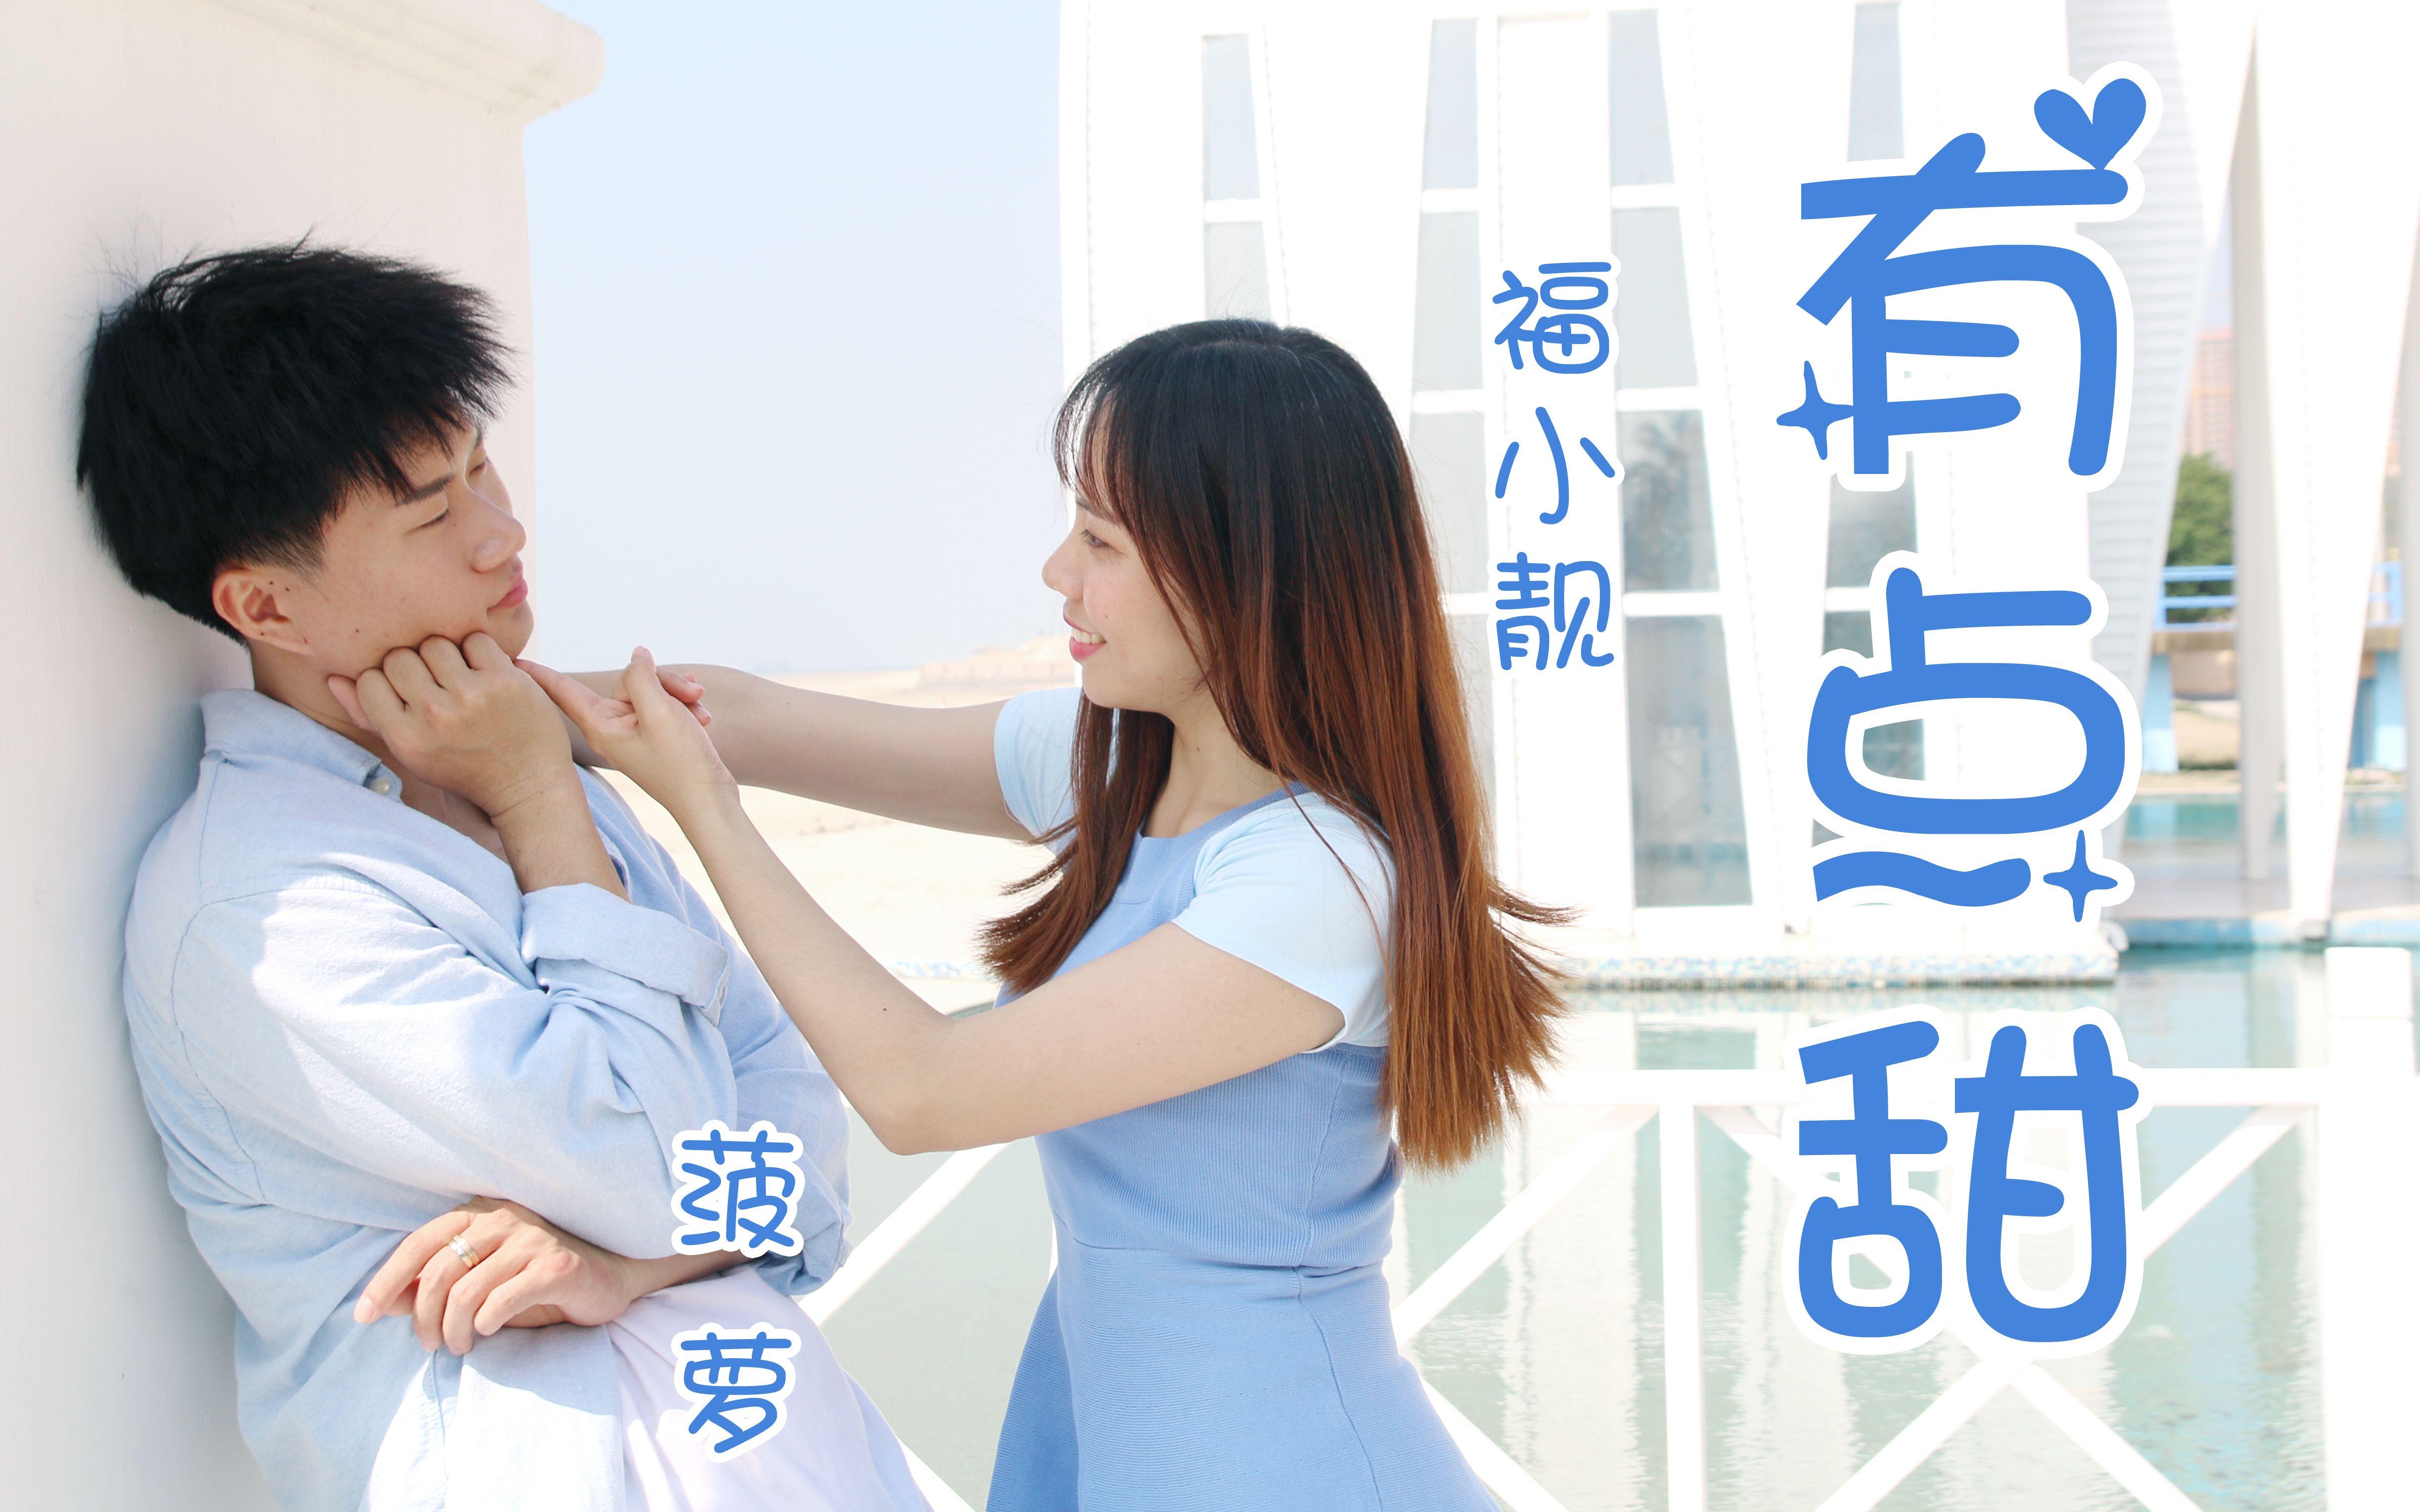 汪苏泷和by2 有点甜_【福小靓x菠萝】有点甜 齁甜的情侣双人舞 情人节快乐_哔哩哔哩 ...